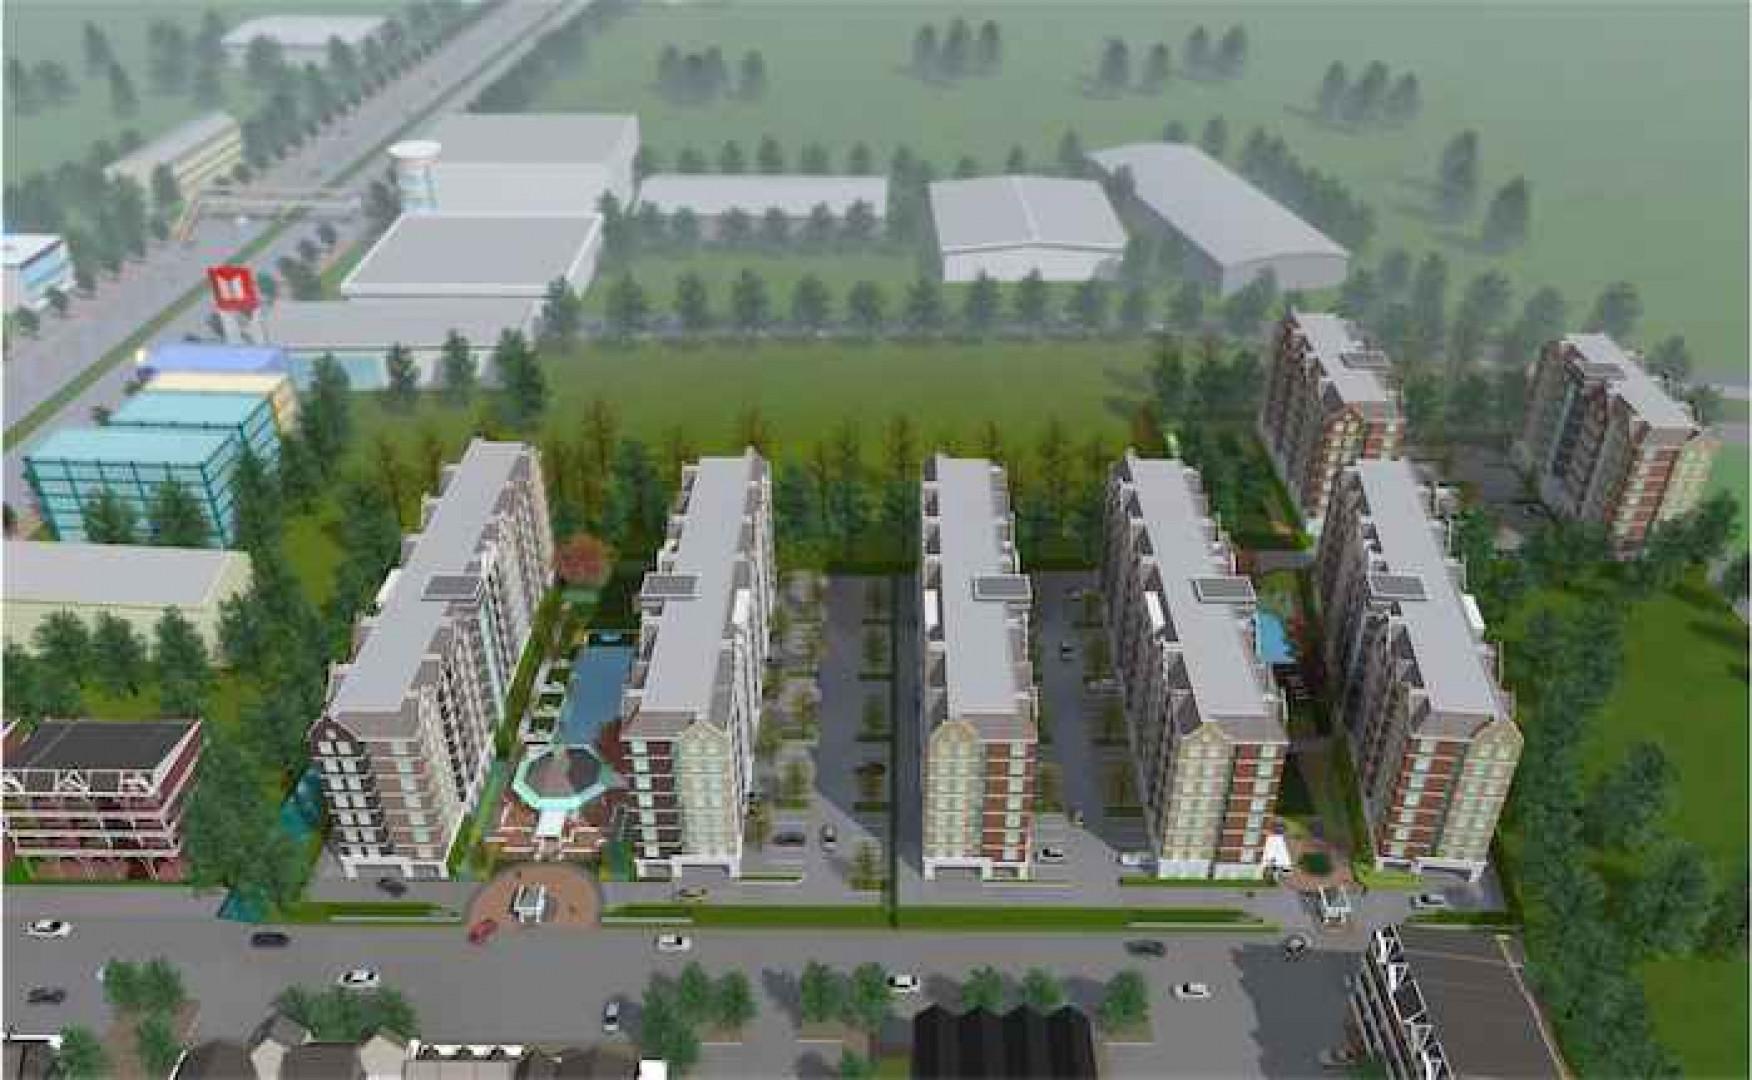 ทิวลิป ไลท์ คอนโดมิเนียม อ้อมน้อย Tulip Lite Condominium Omnoi